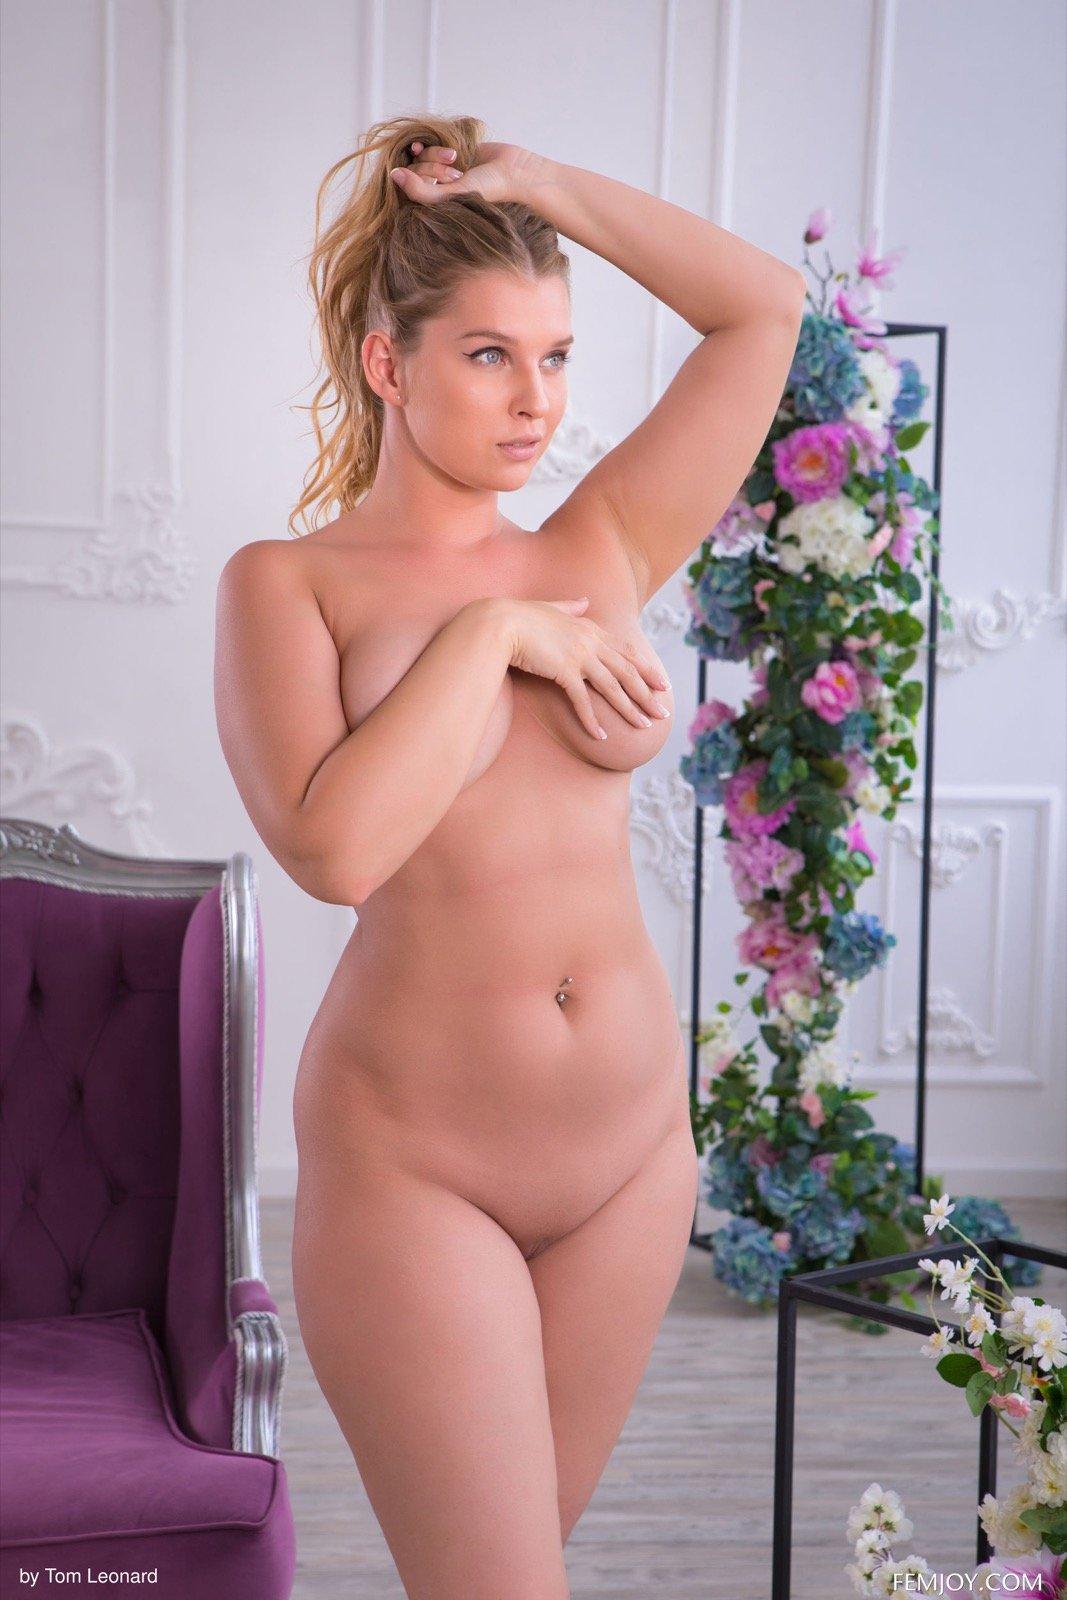 Девушка с пышными формами голышом - фото